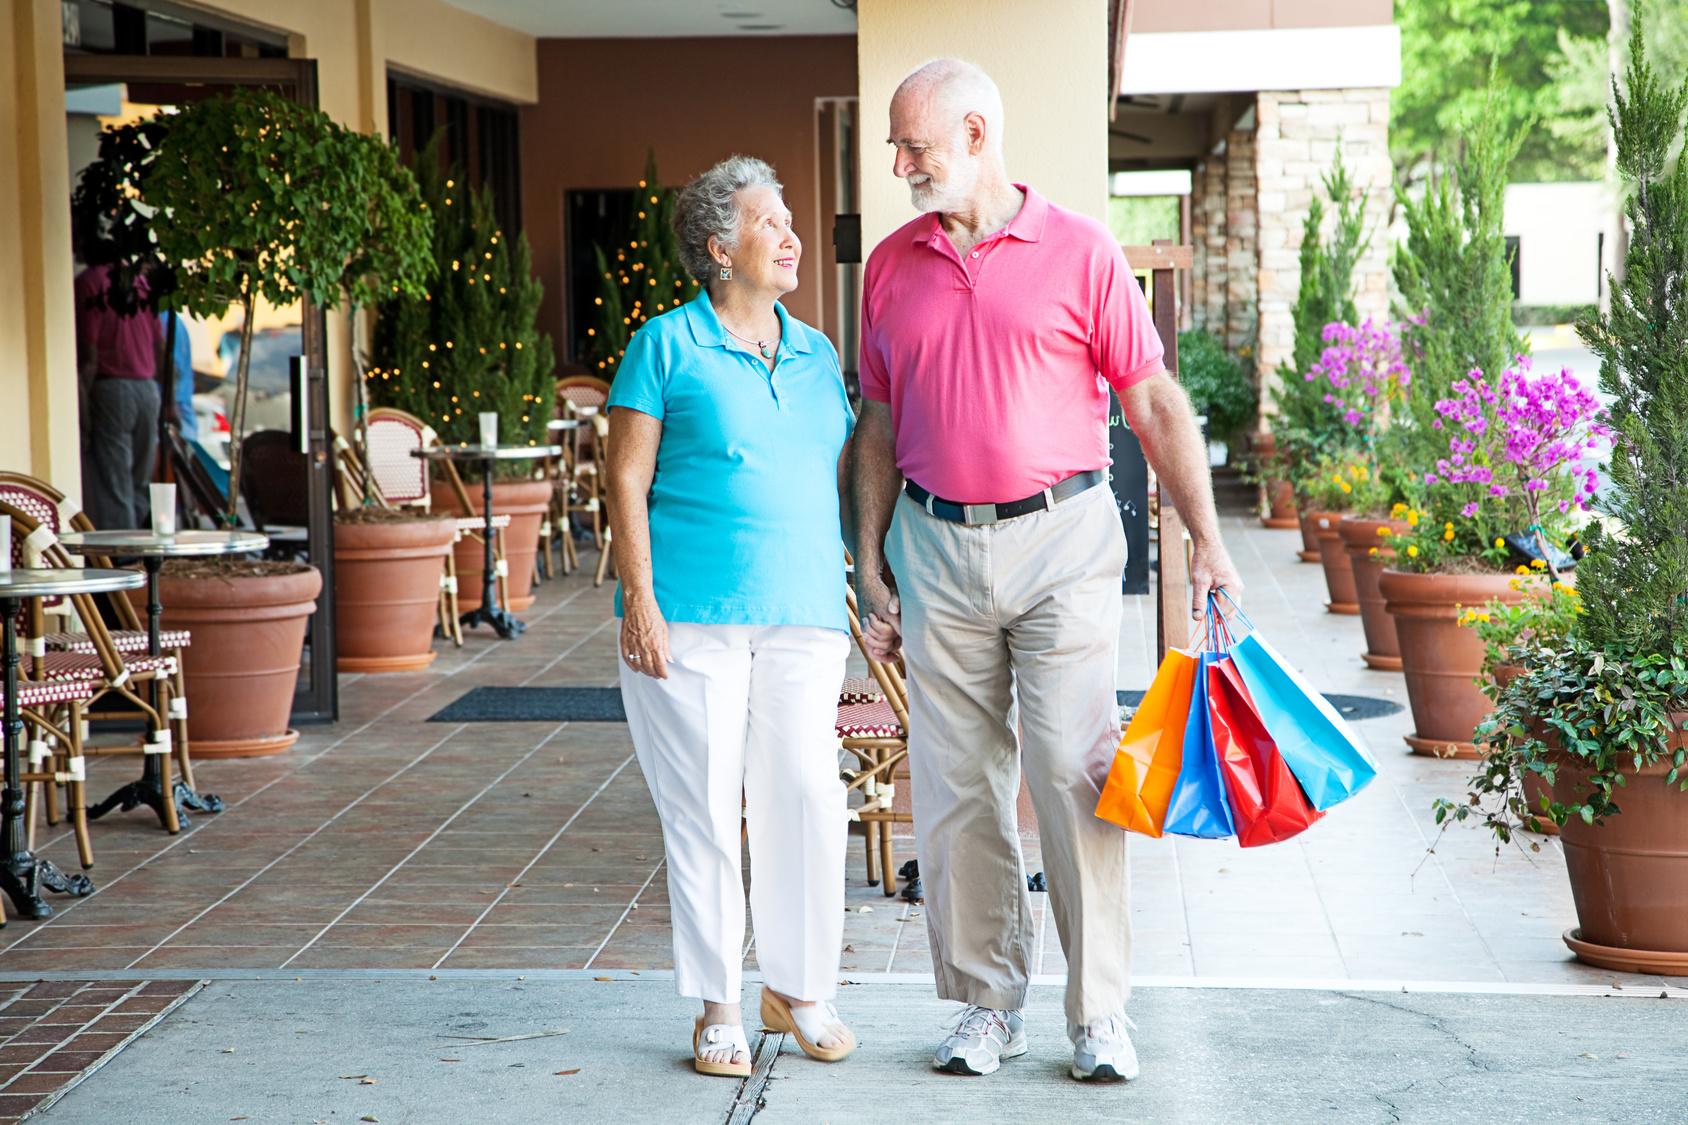 Seniorzy na zakupach Zdjęcie do informacji prasowej